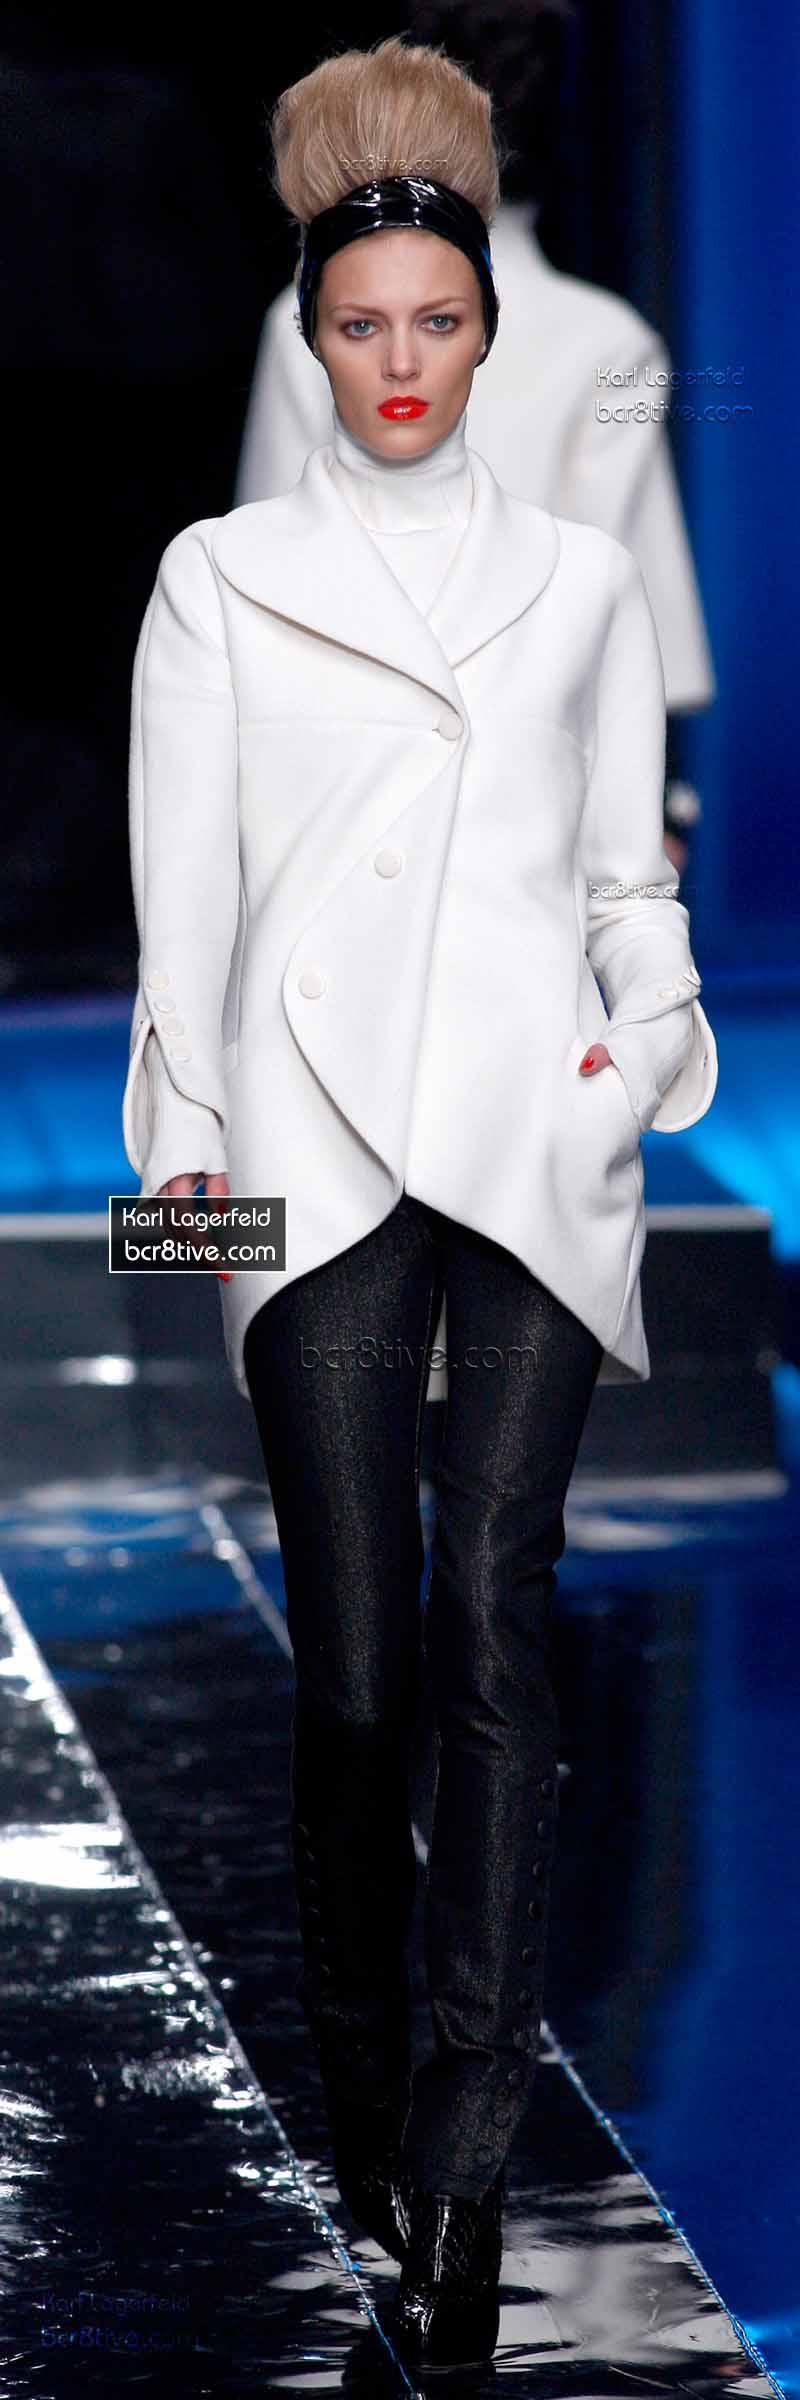 Karl Lagerfeld Street Styles